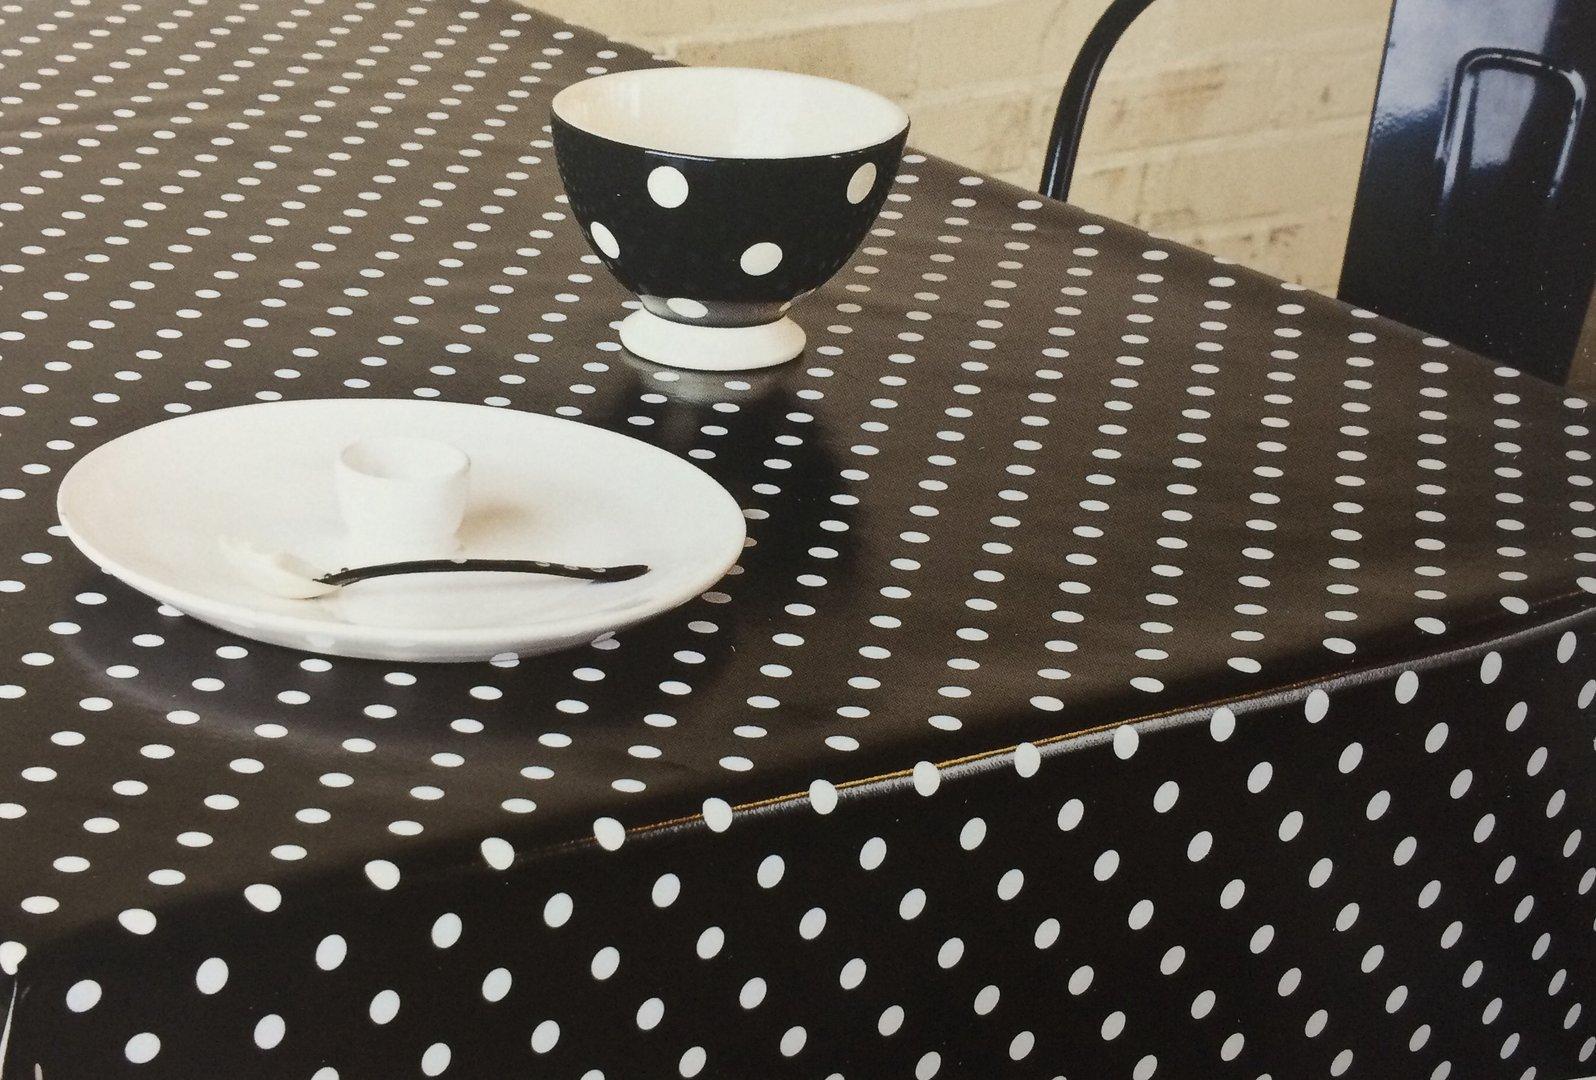 wachstuch tischdecke meterware modern punkte schwarz eckig rund oval. Black Bedroom Furniture Sets. Home Design Ideas